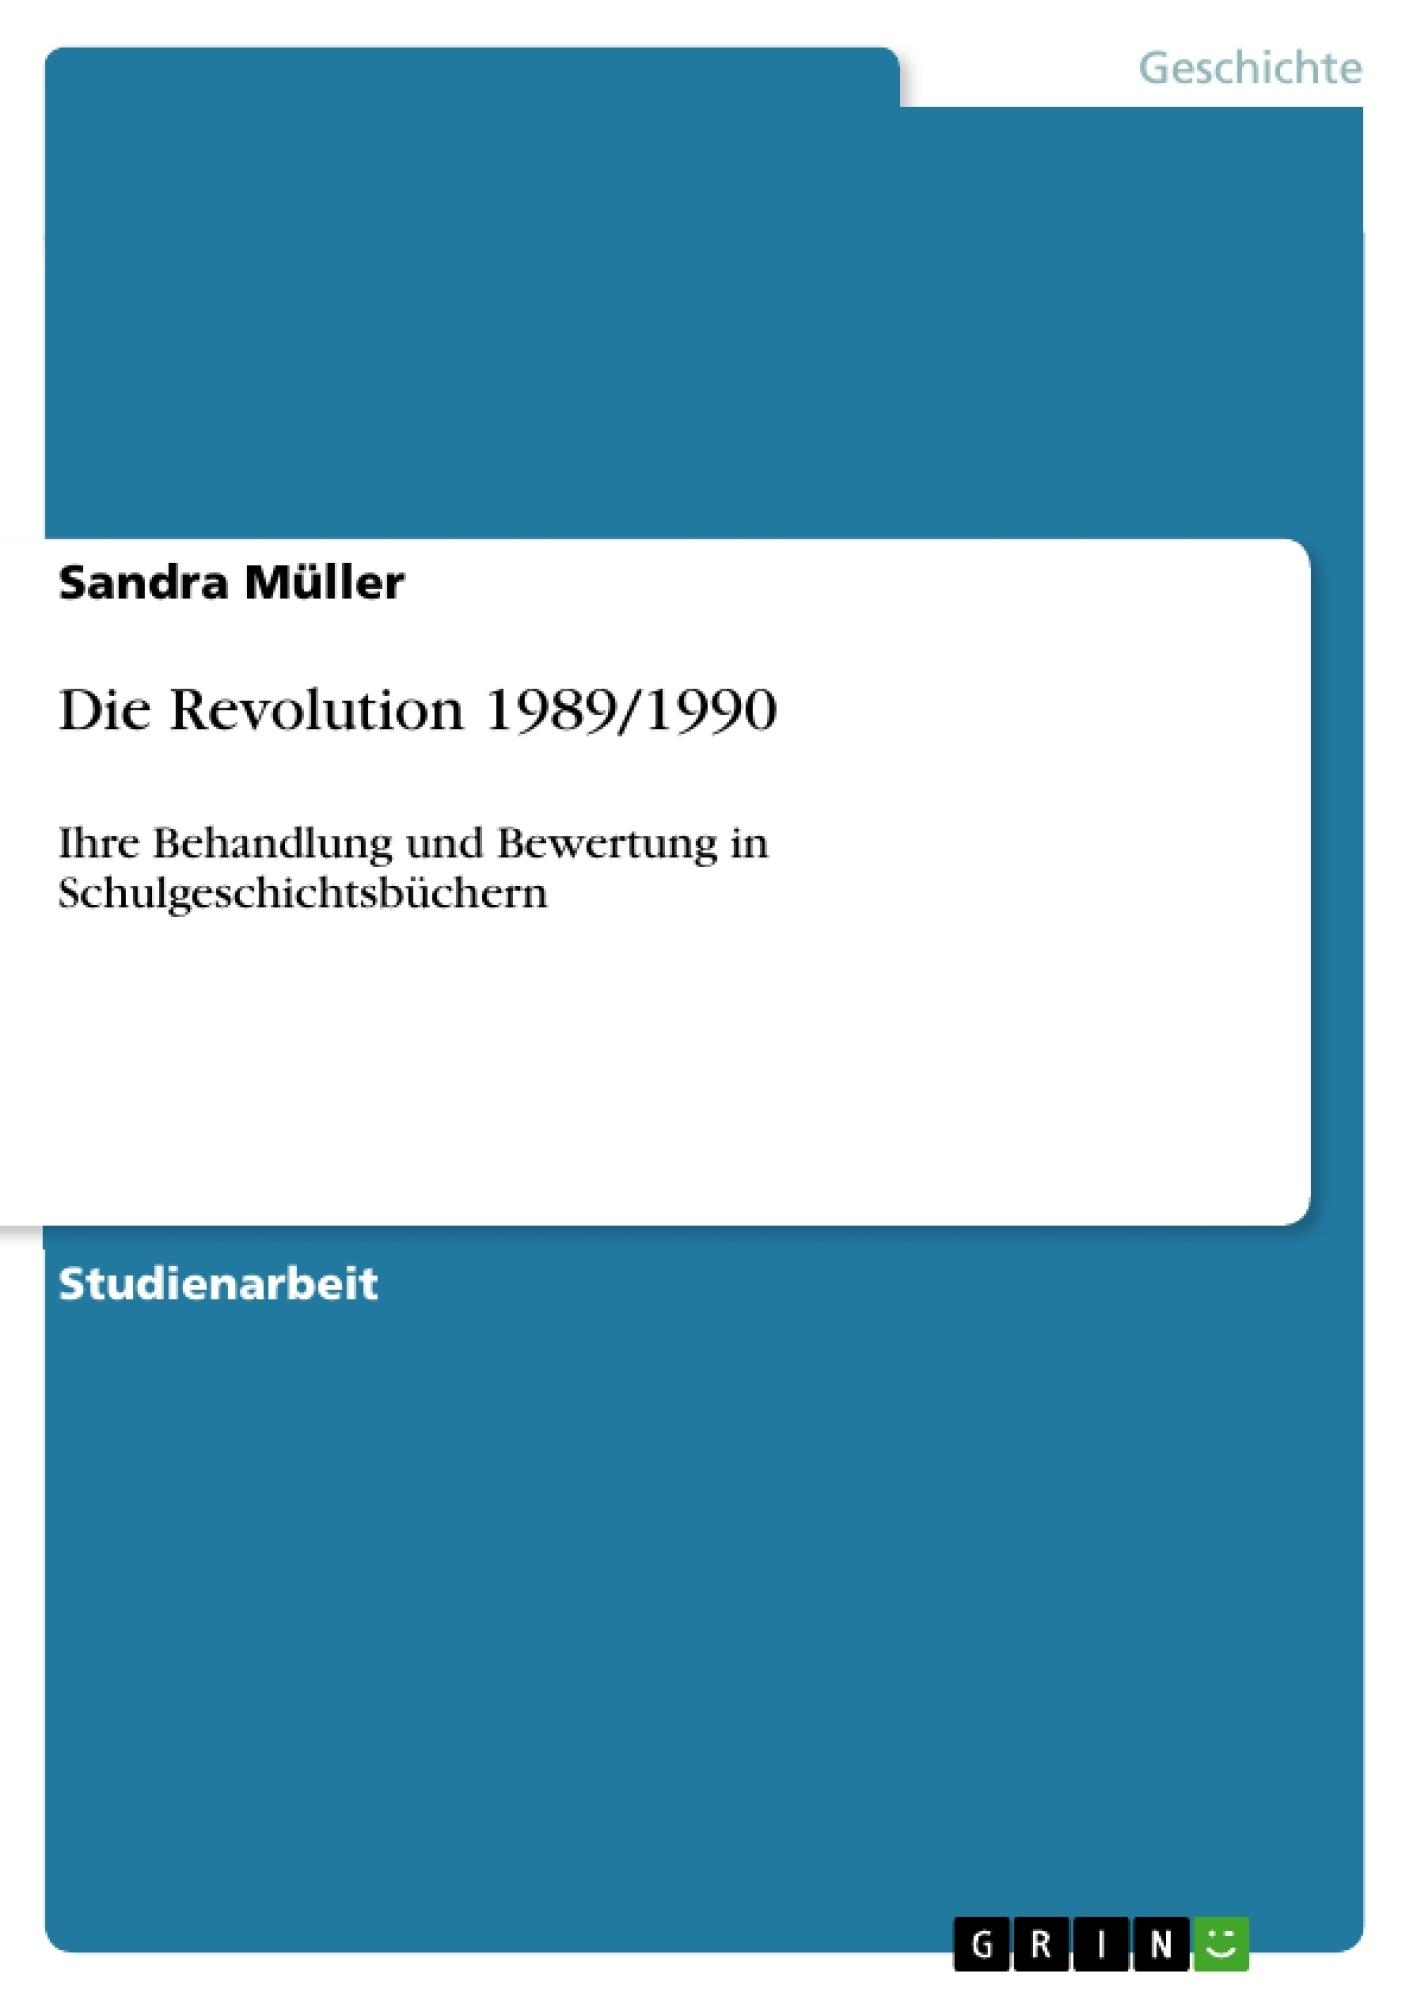 Titel: Die Revolution 1989/1990